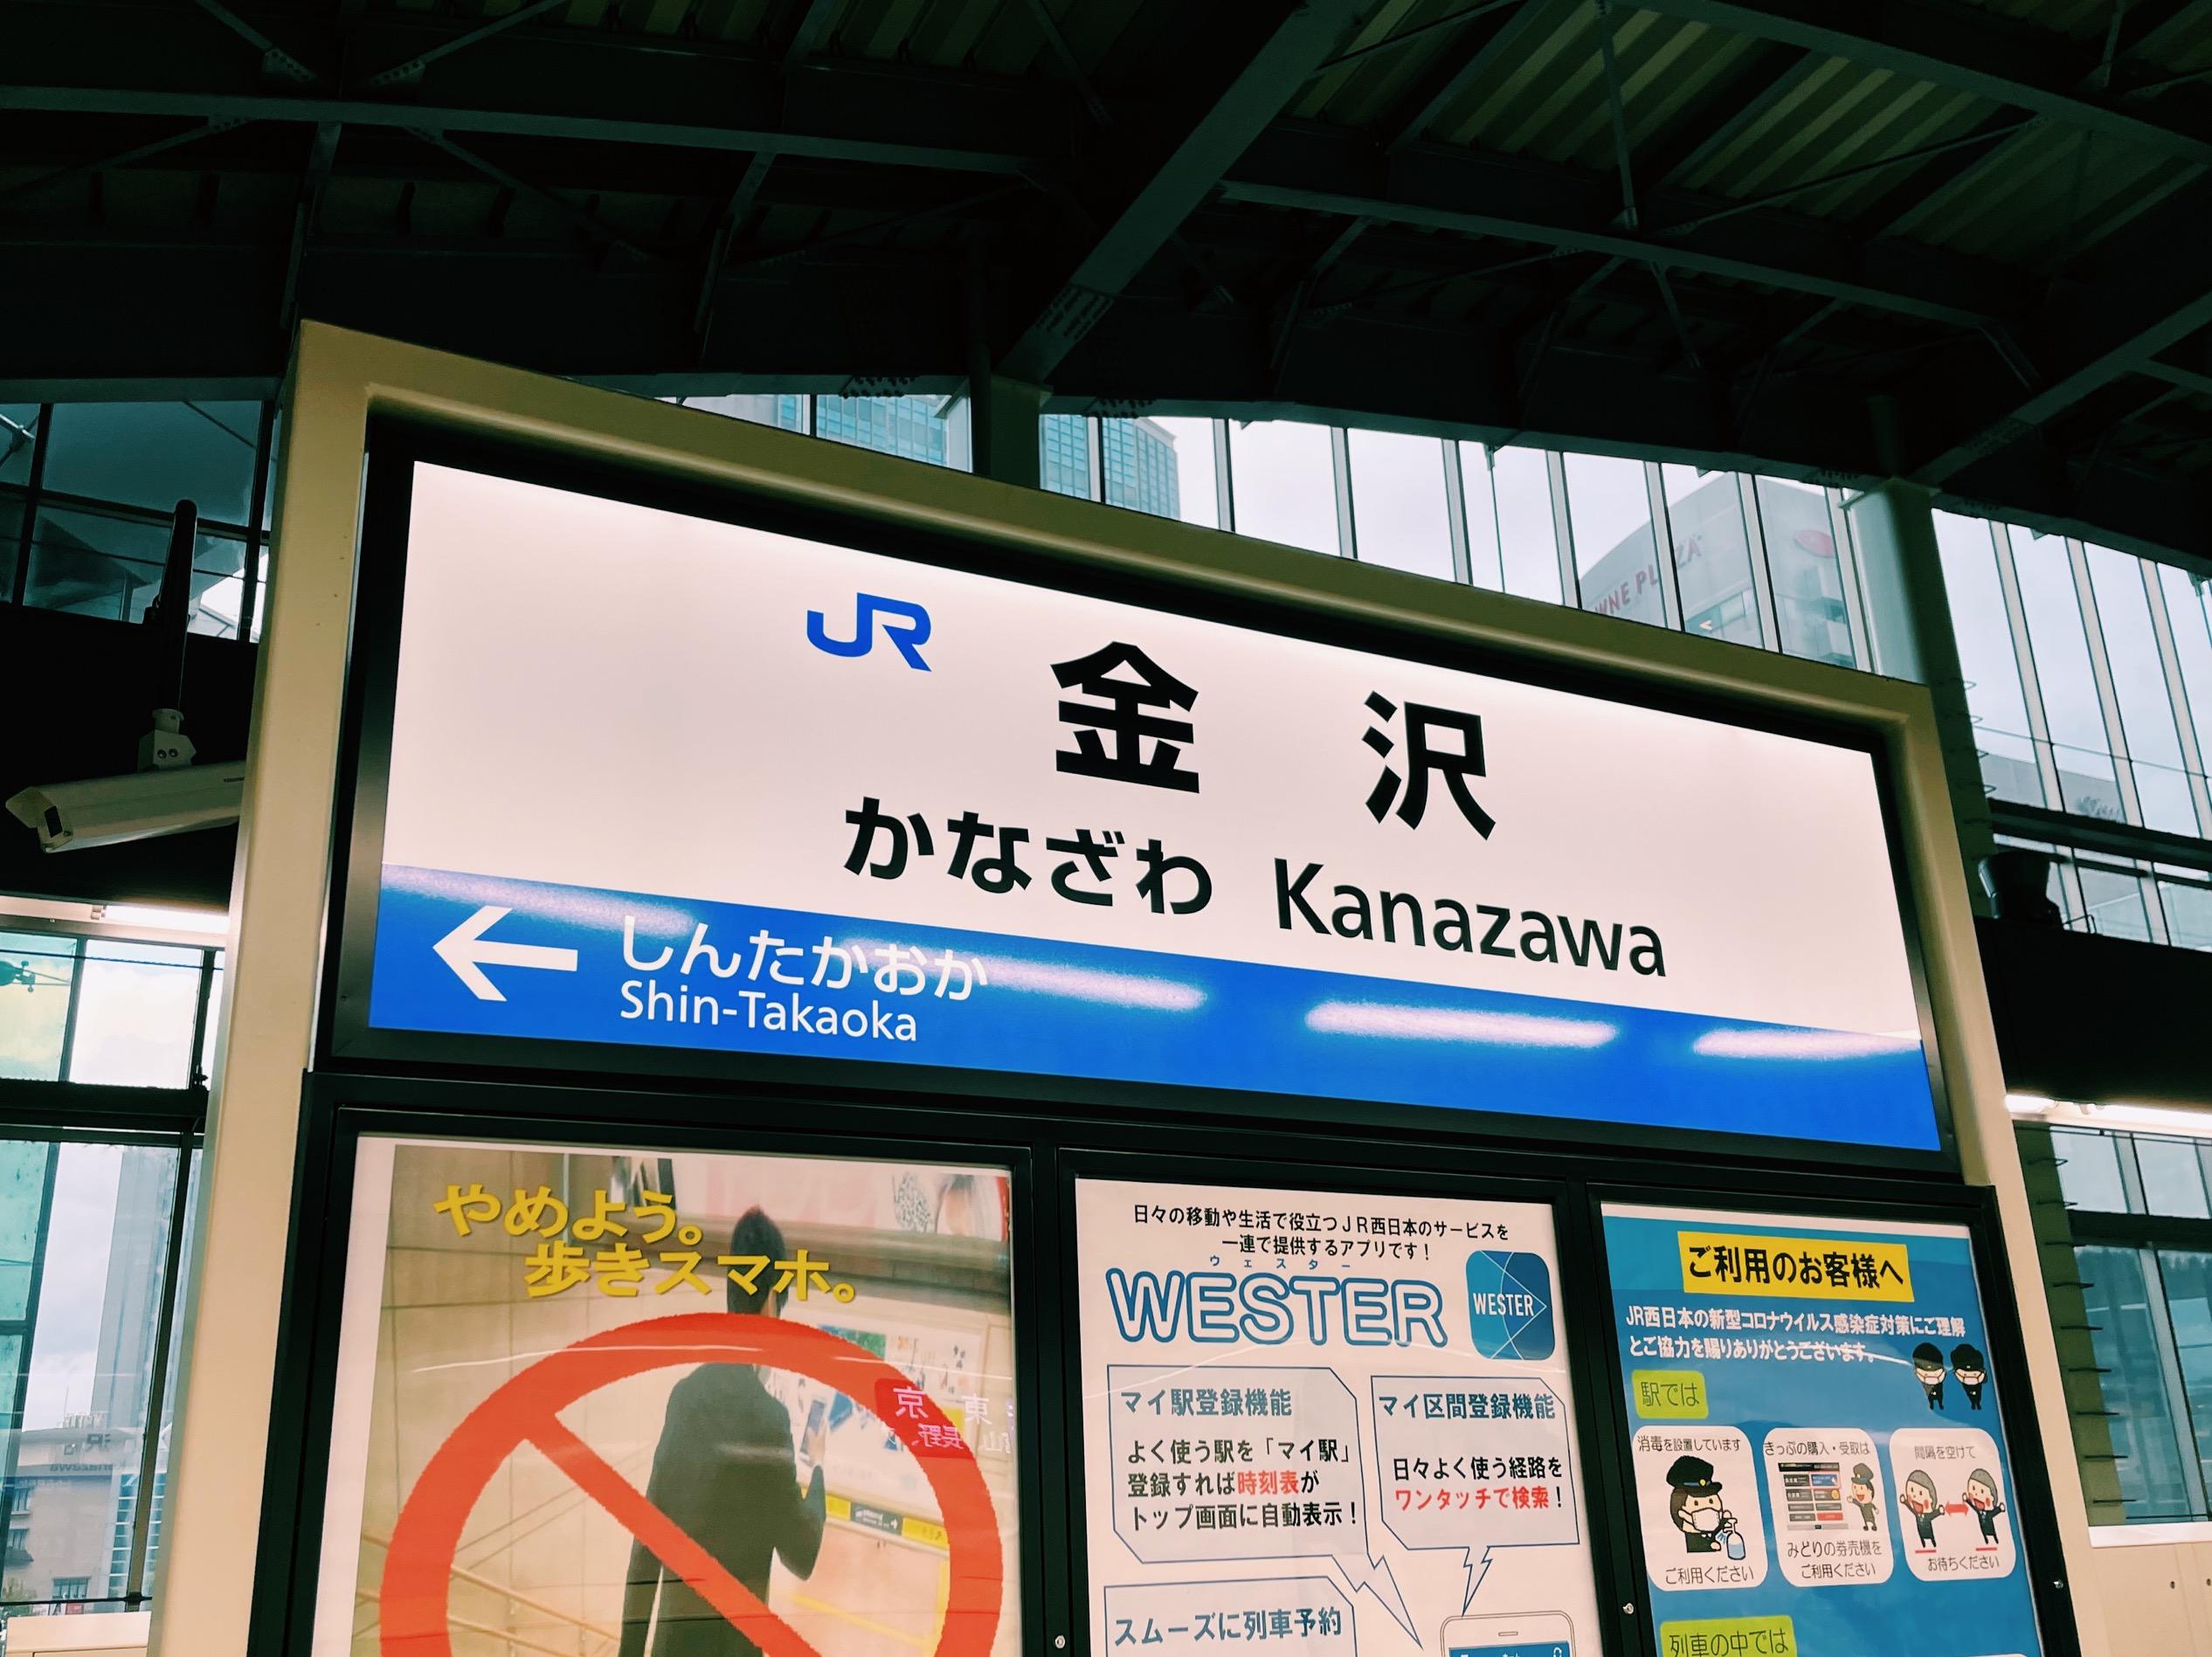 金沢へ。~滞在時間4時間~